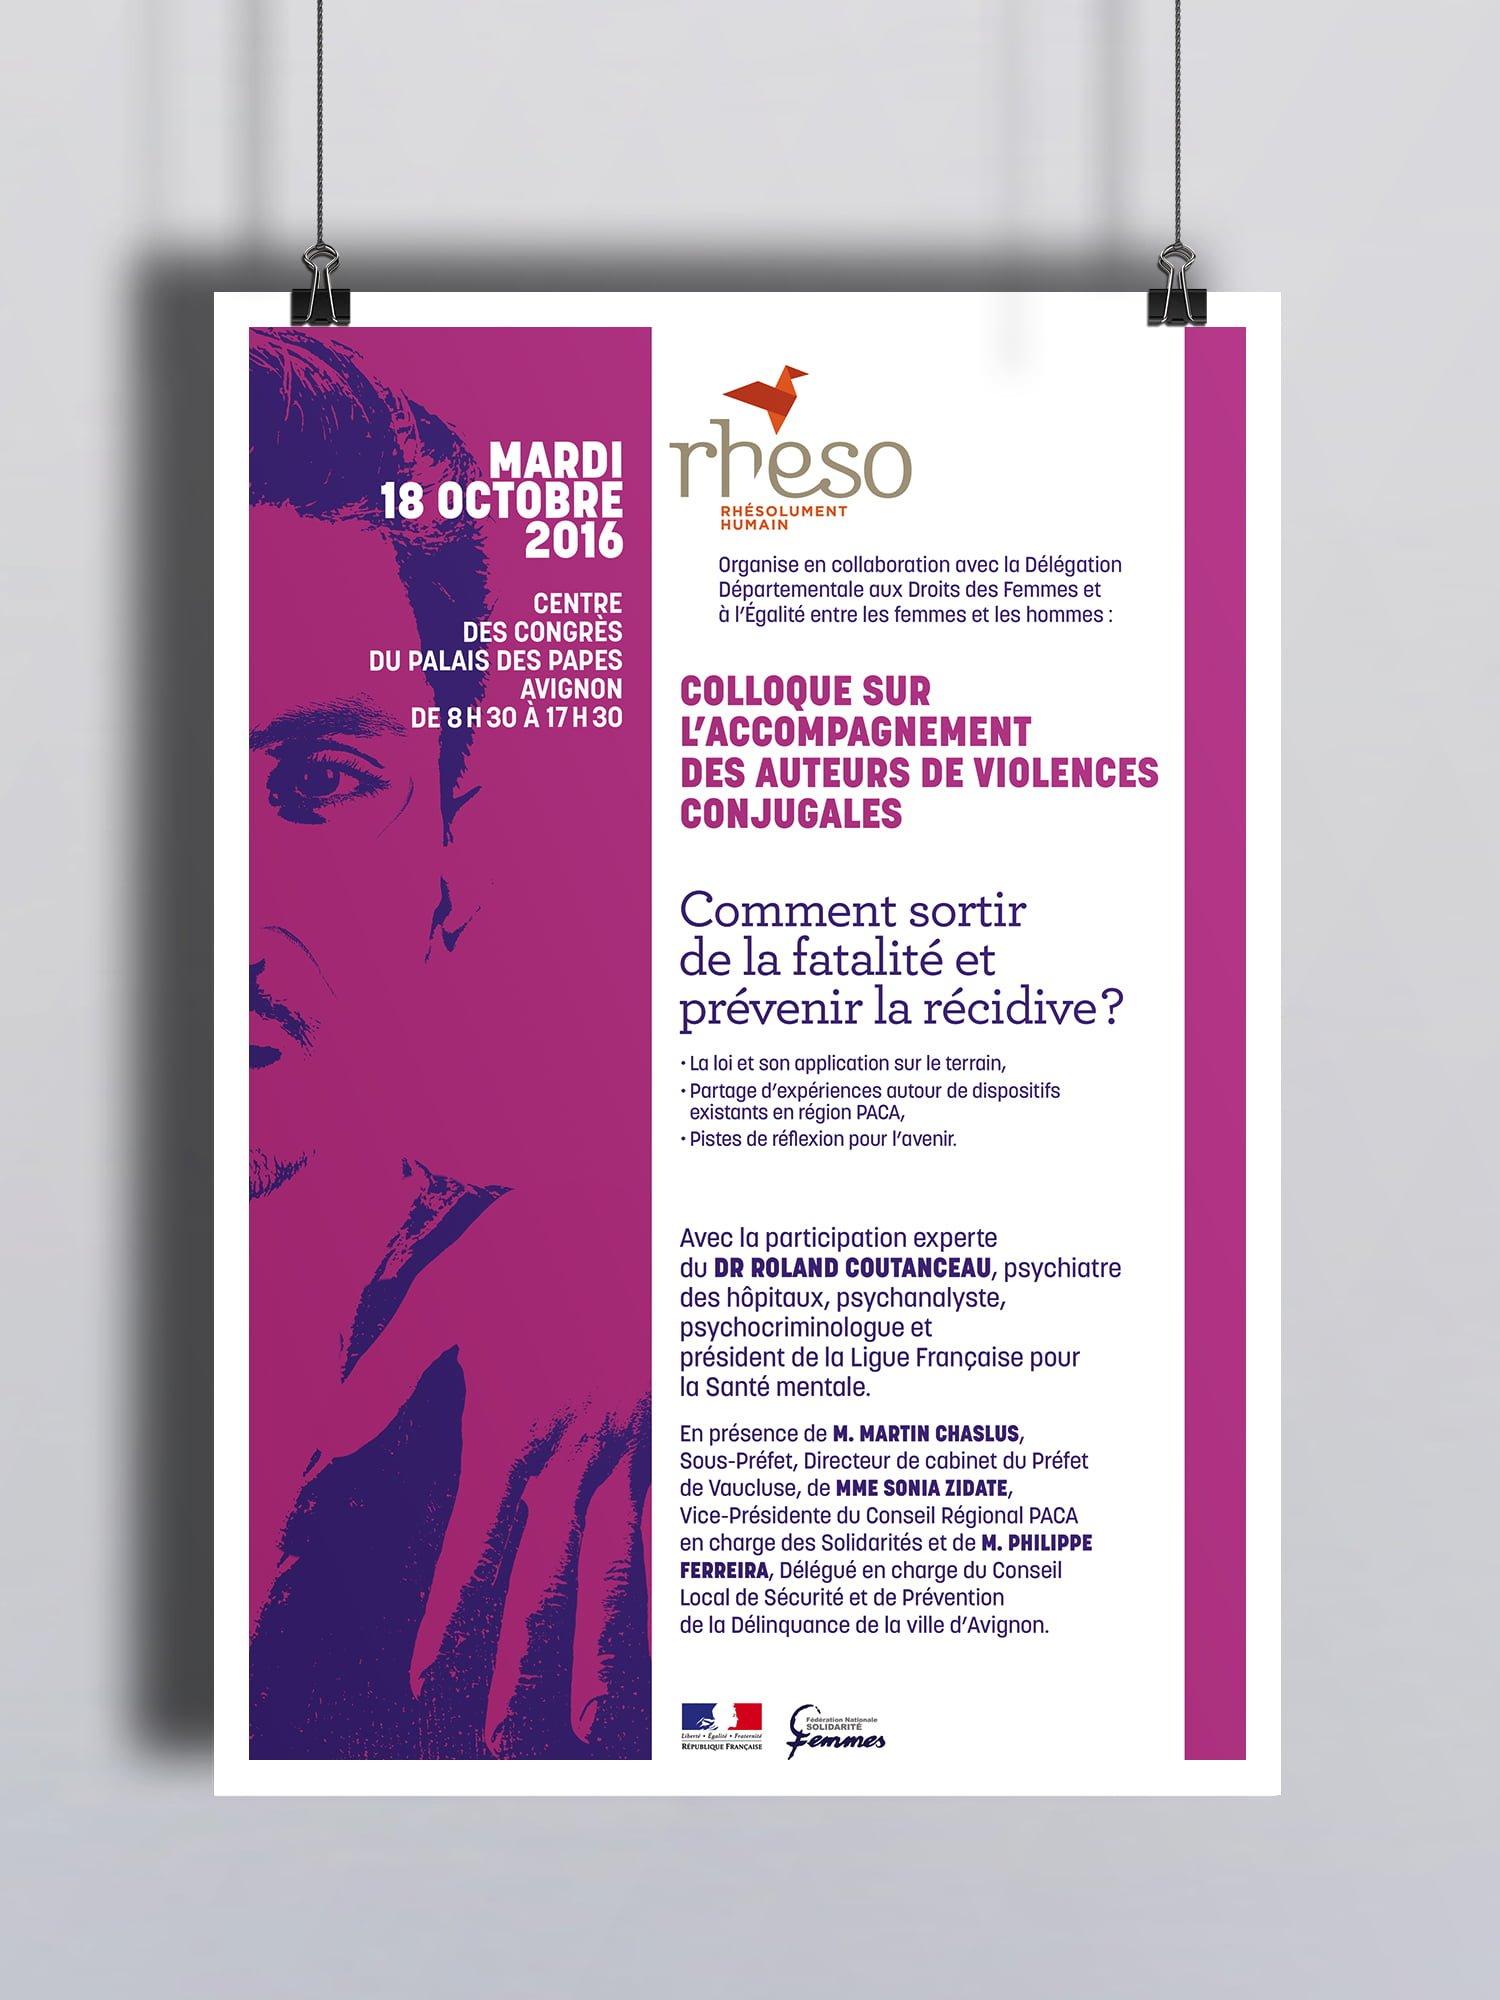 Rheso, Affiche colloque violences conjugales